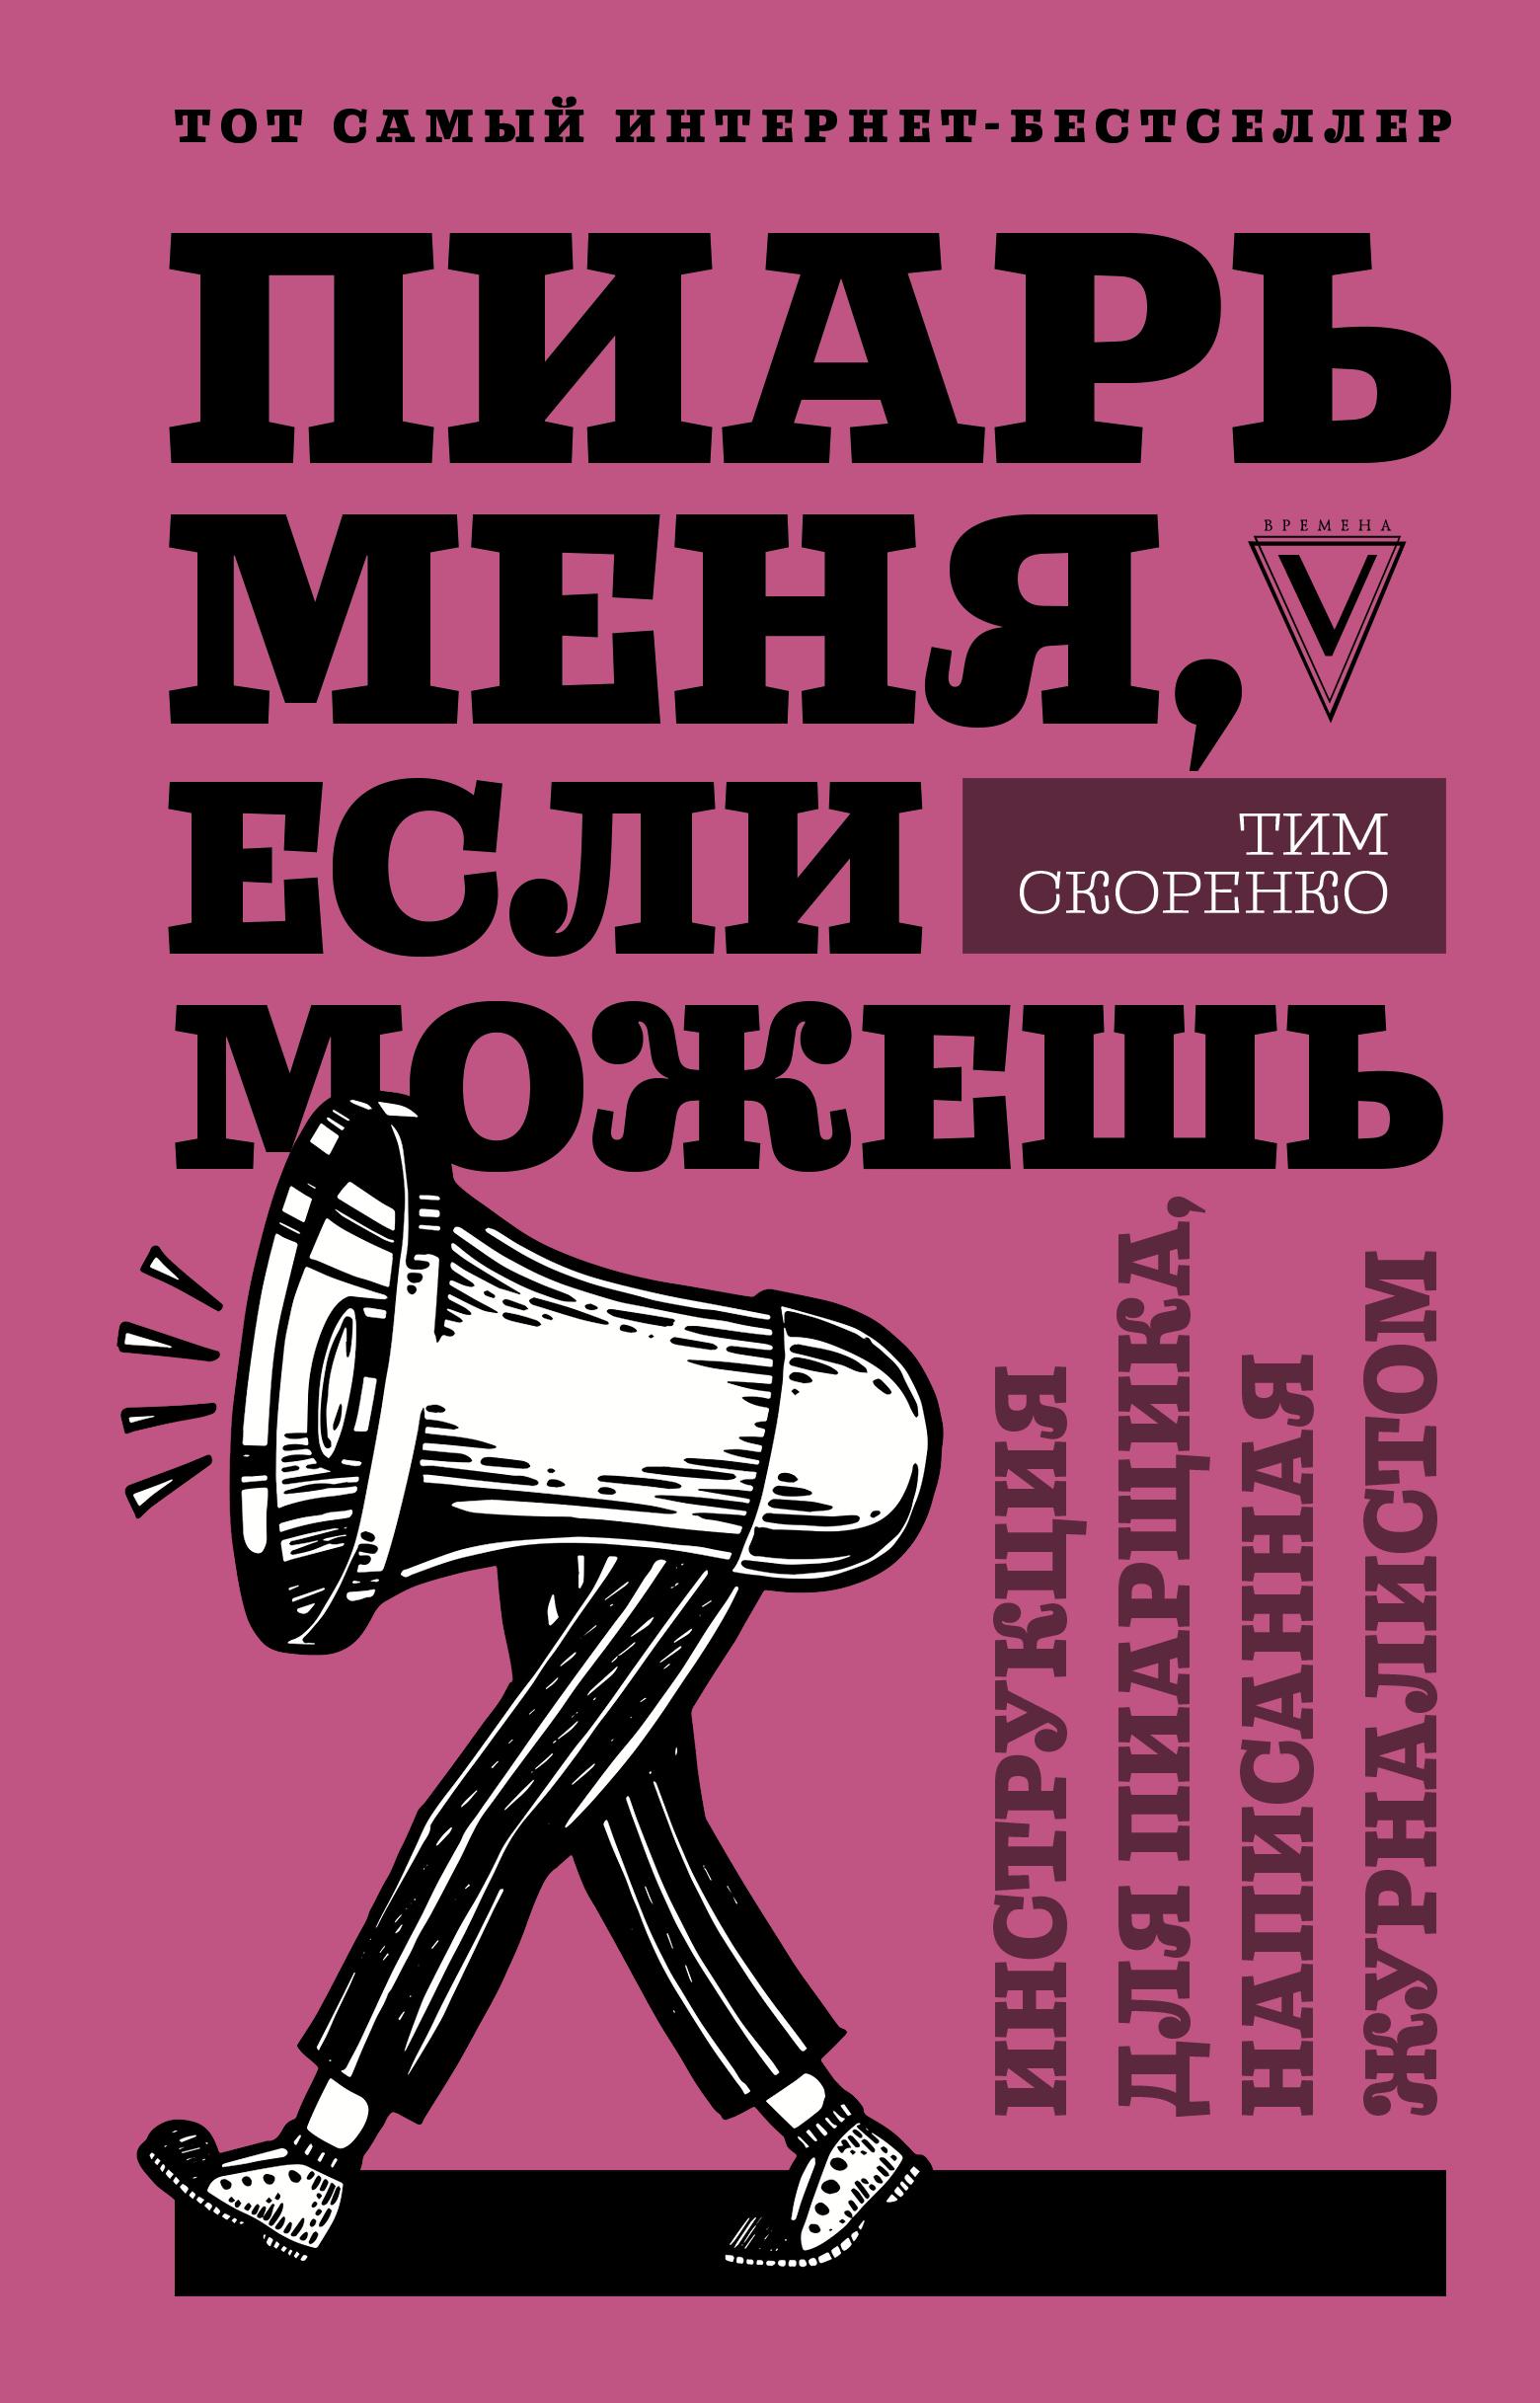 Купить книгу Пиарь меня, если можешь. Инструкция для пиарщика, написанная журналистом, автора Тима Скоренко